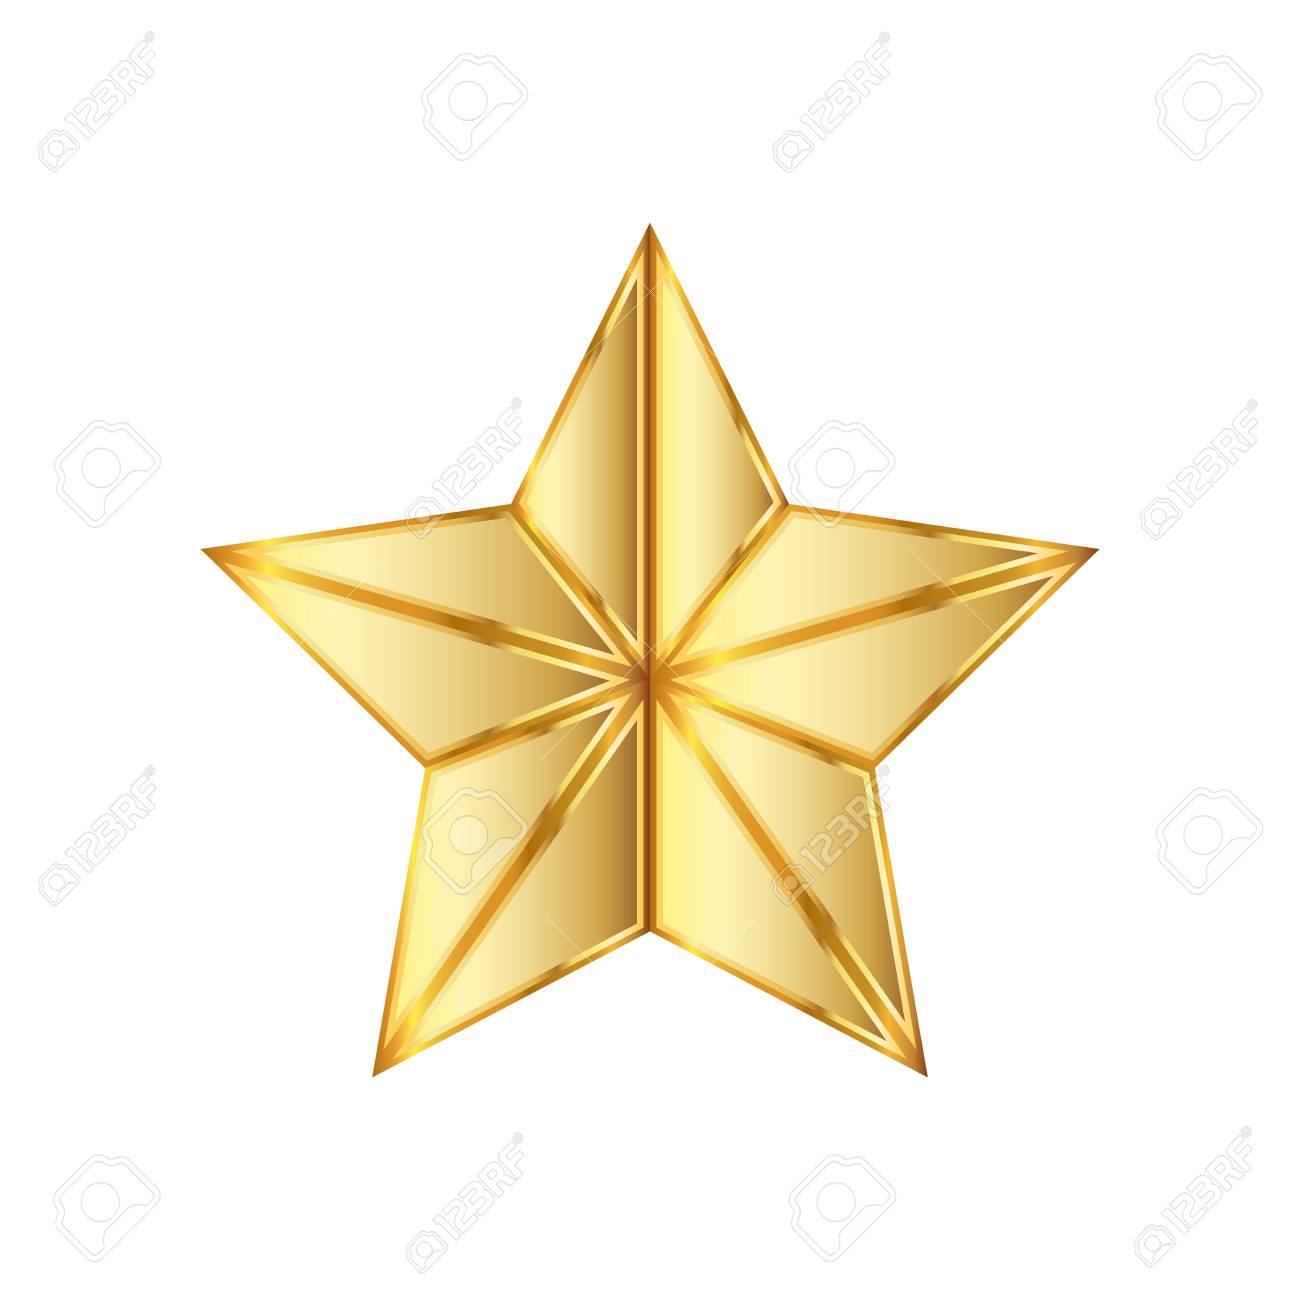 金色の星のアイコン。イラスト。白い背景の上の黄金の星のアイコン